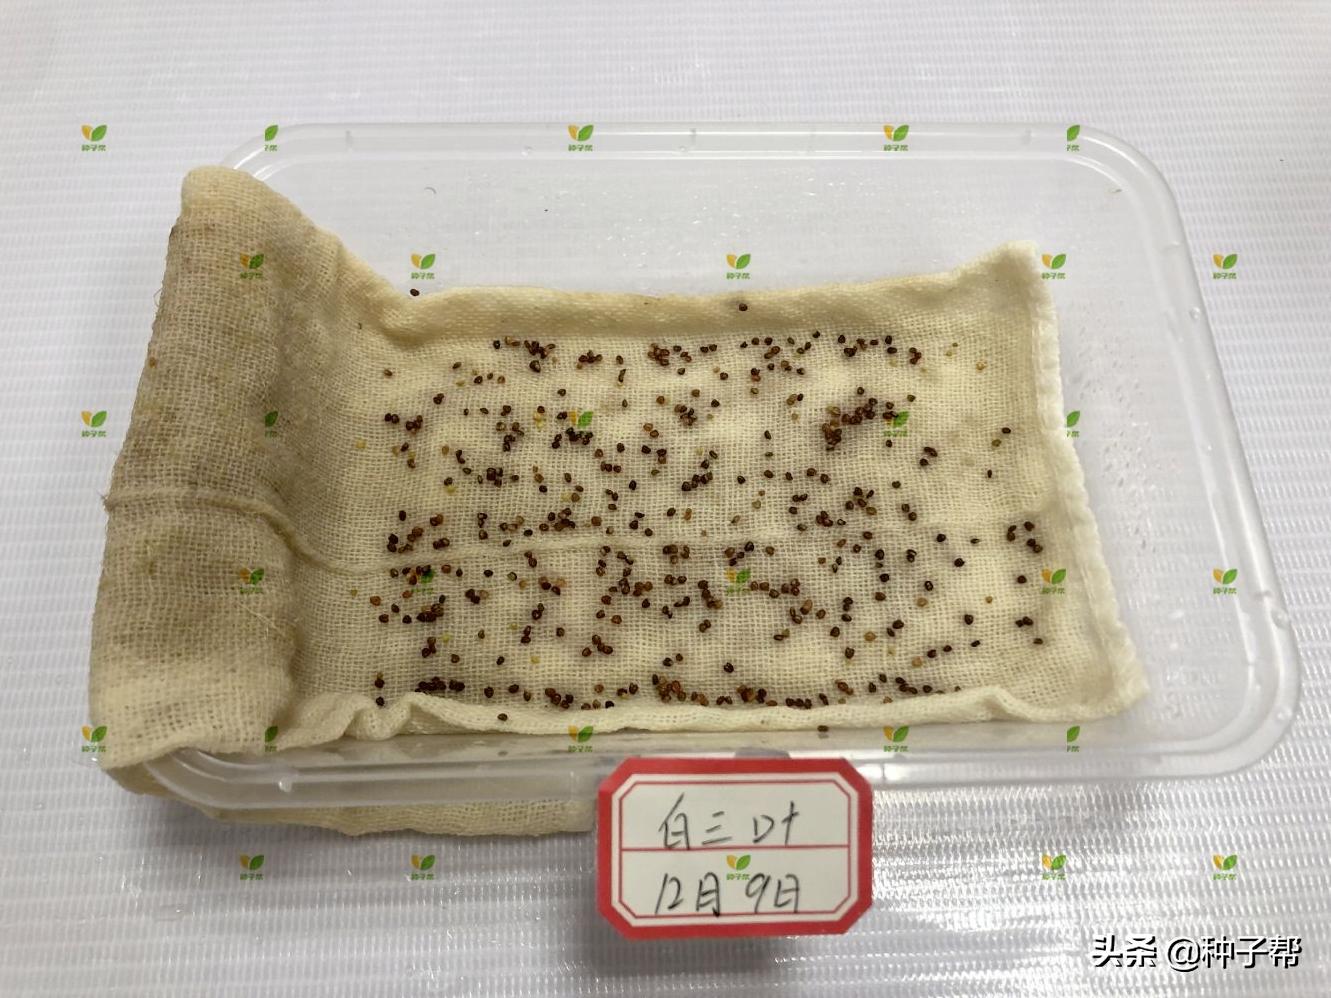 白三叶:绿化建植快,开花早,可利用7~10年,种子发芽测试